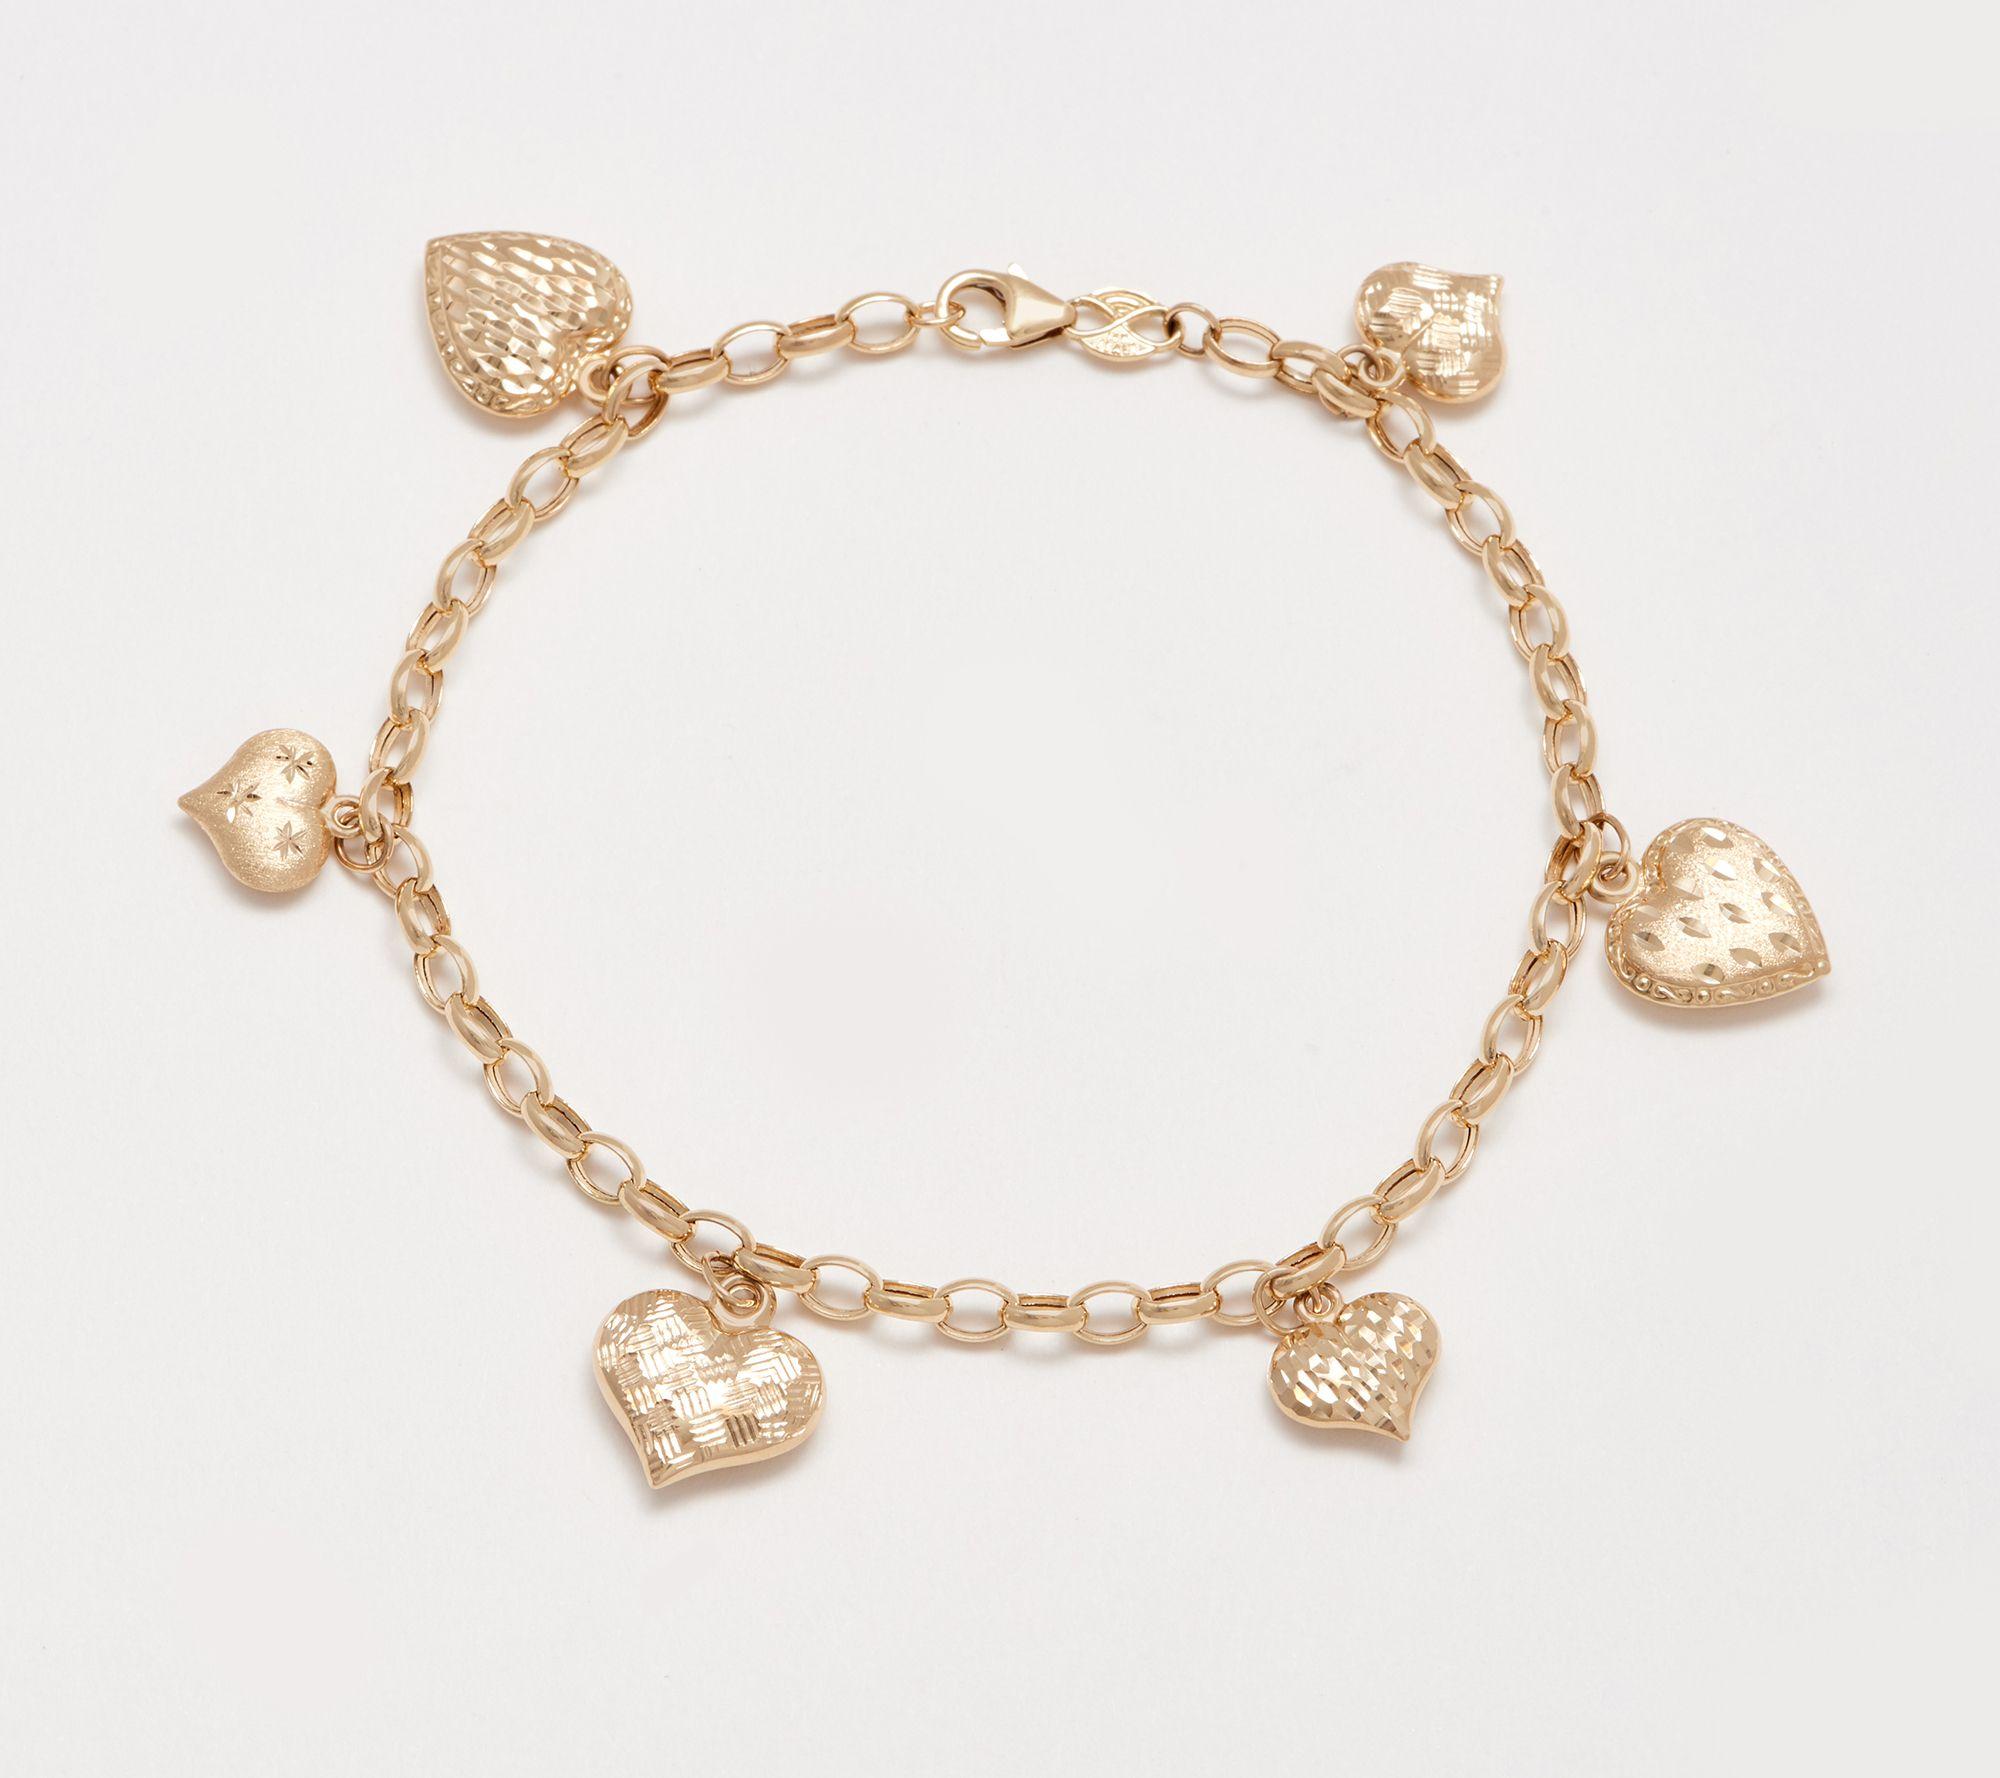 Heart Charm Bracelet 14k Gold